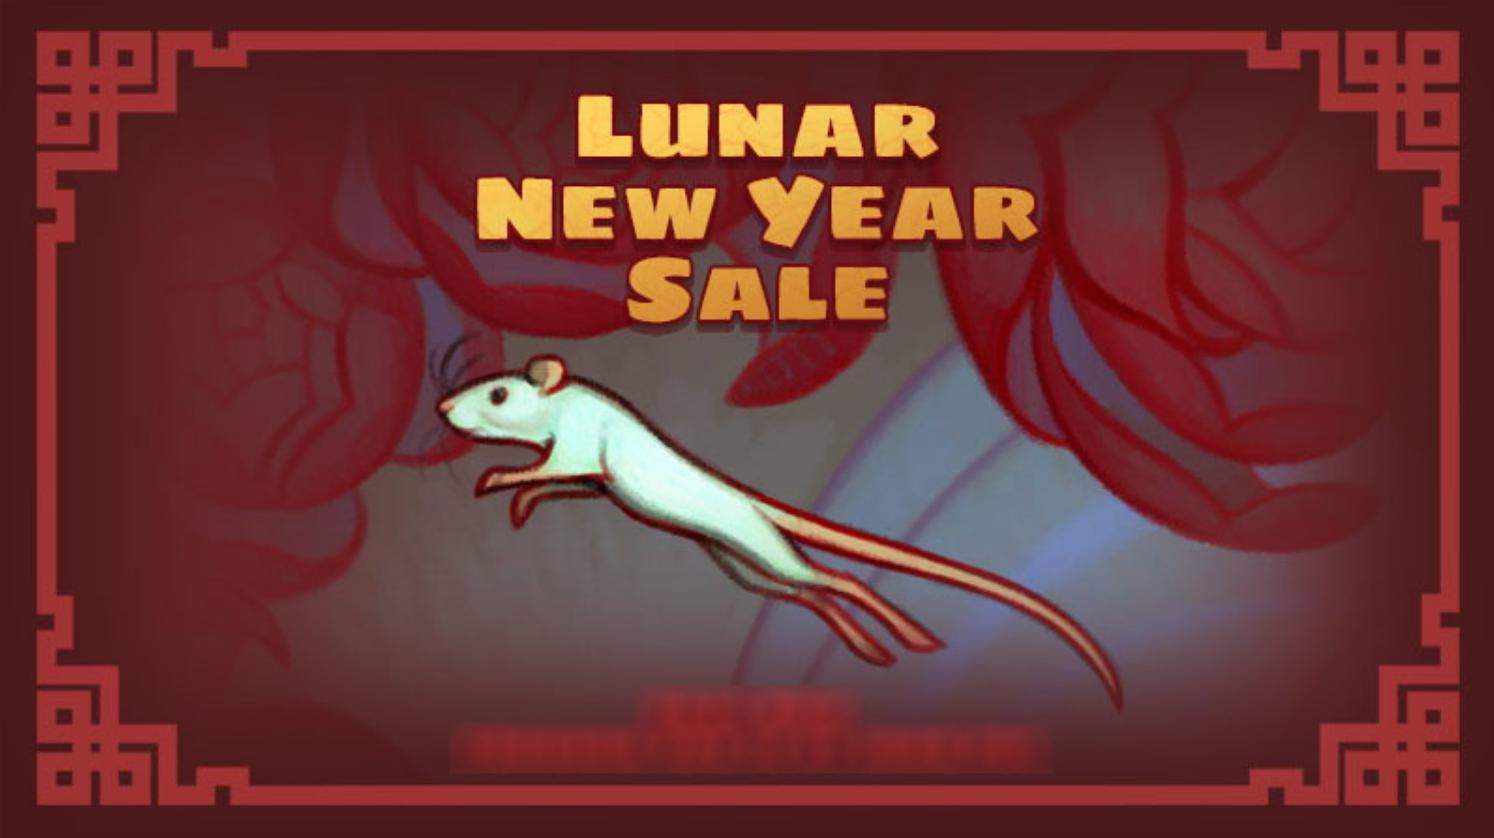 Утечка: SteamDB раскрыл дату старта распродажи в Steam по случаю «Китайского Нового года»